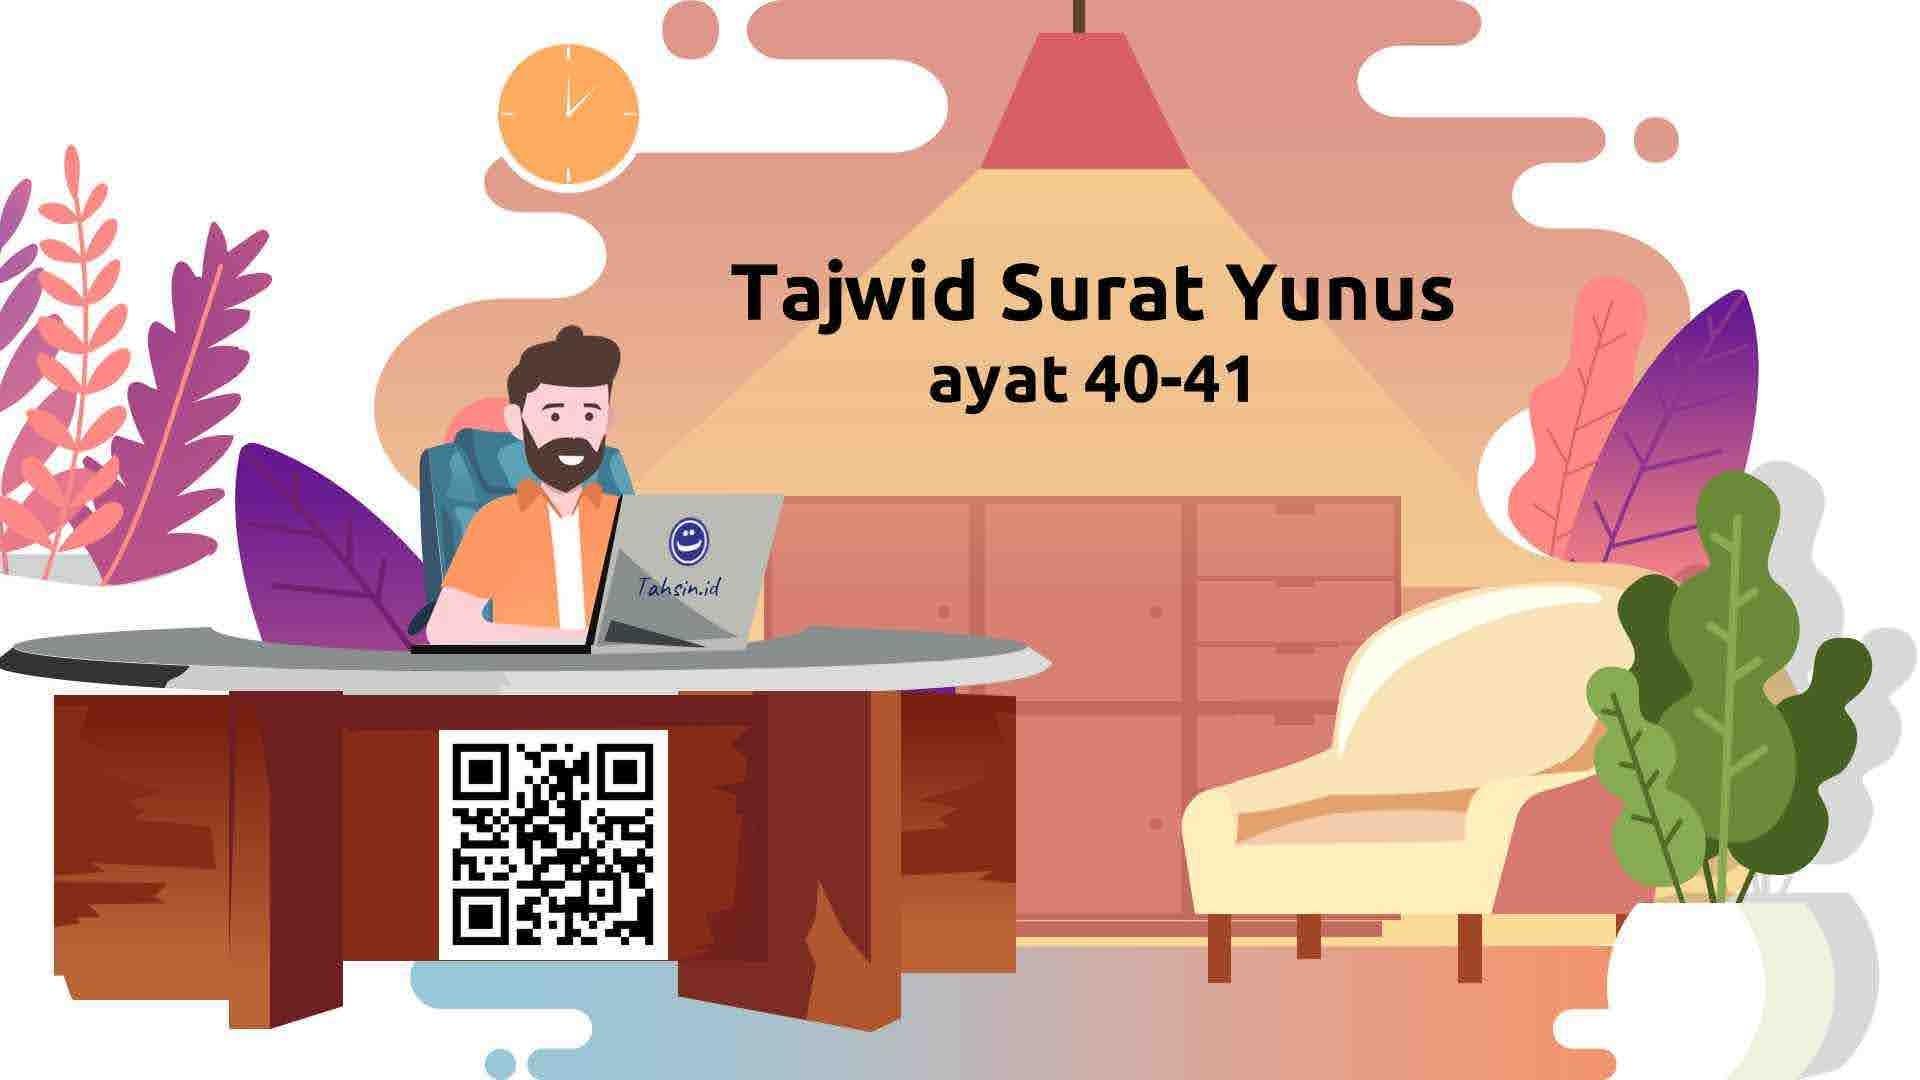 tajwid-surat-yunus-ayat-40-41